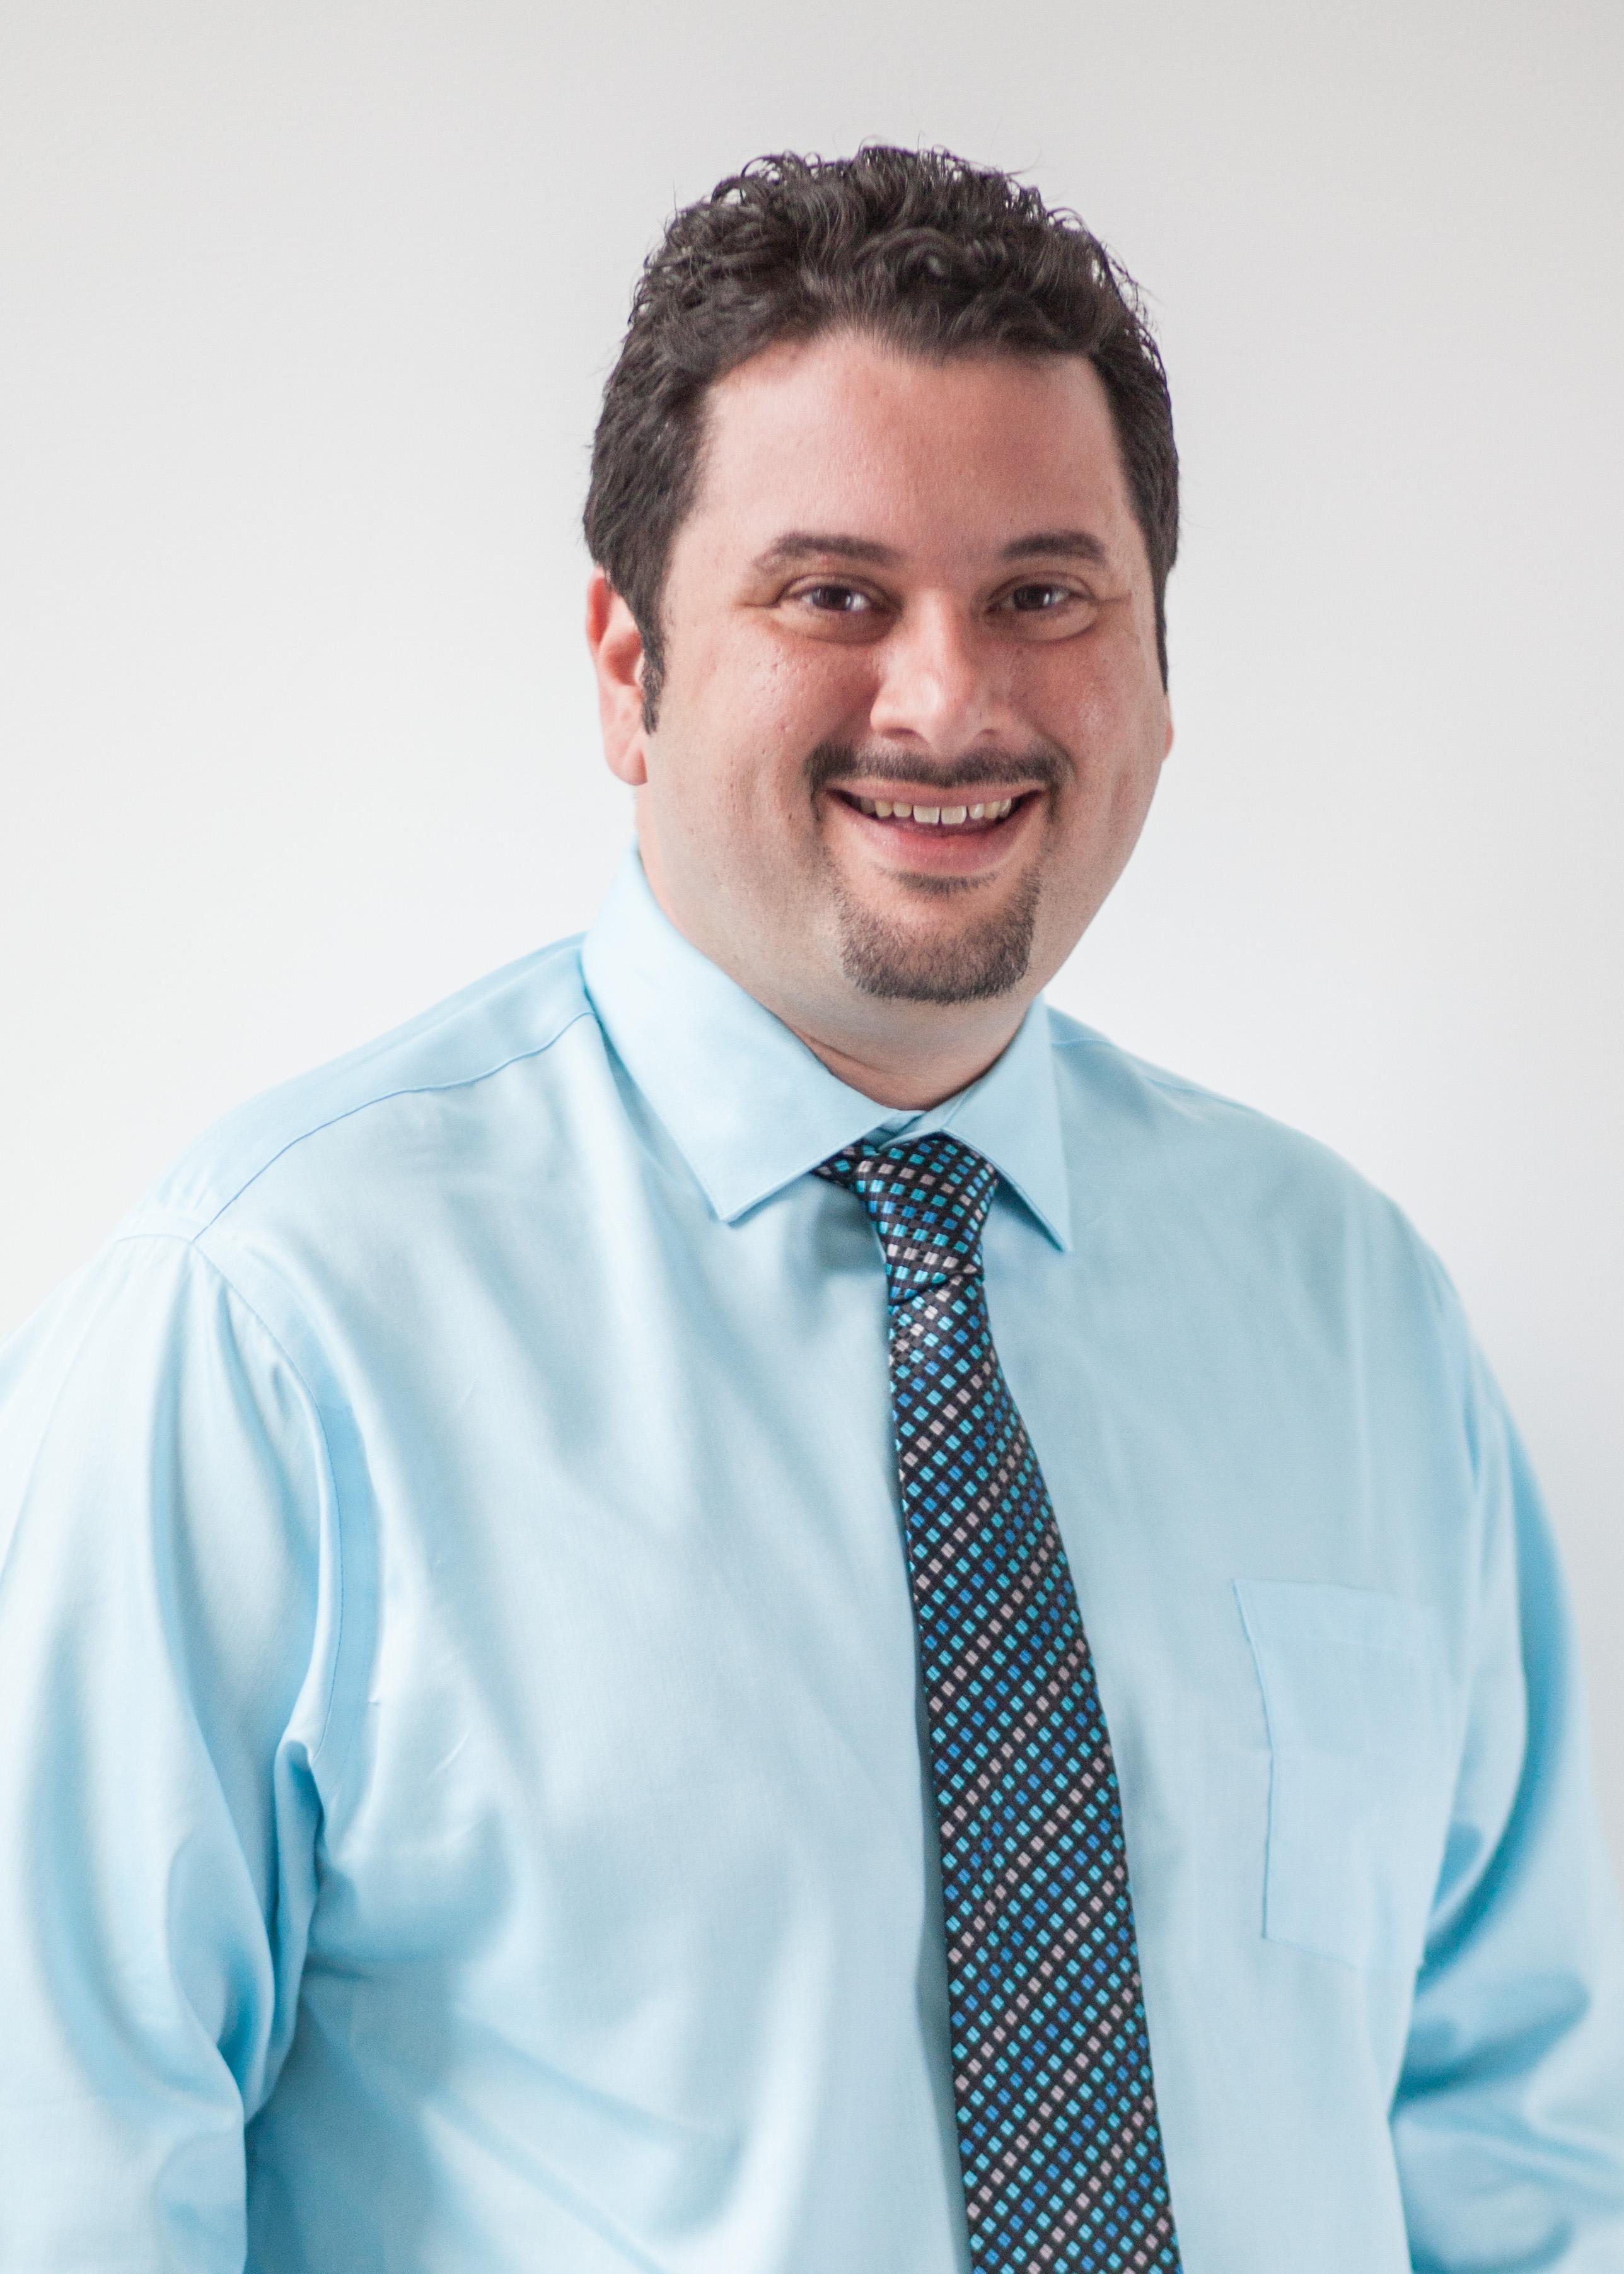 Mike Amaral - Owner, Broker, REALTOR®